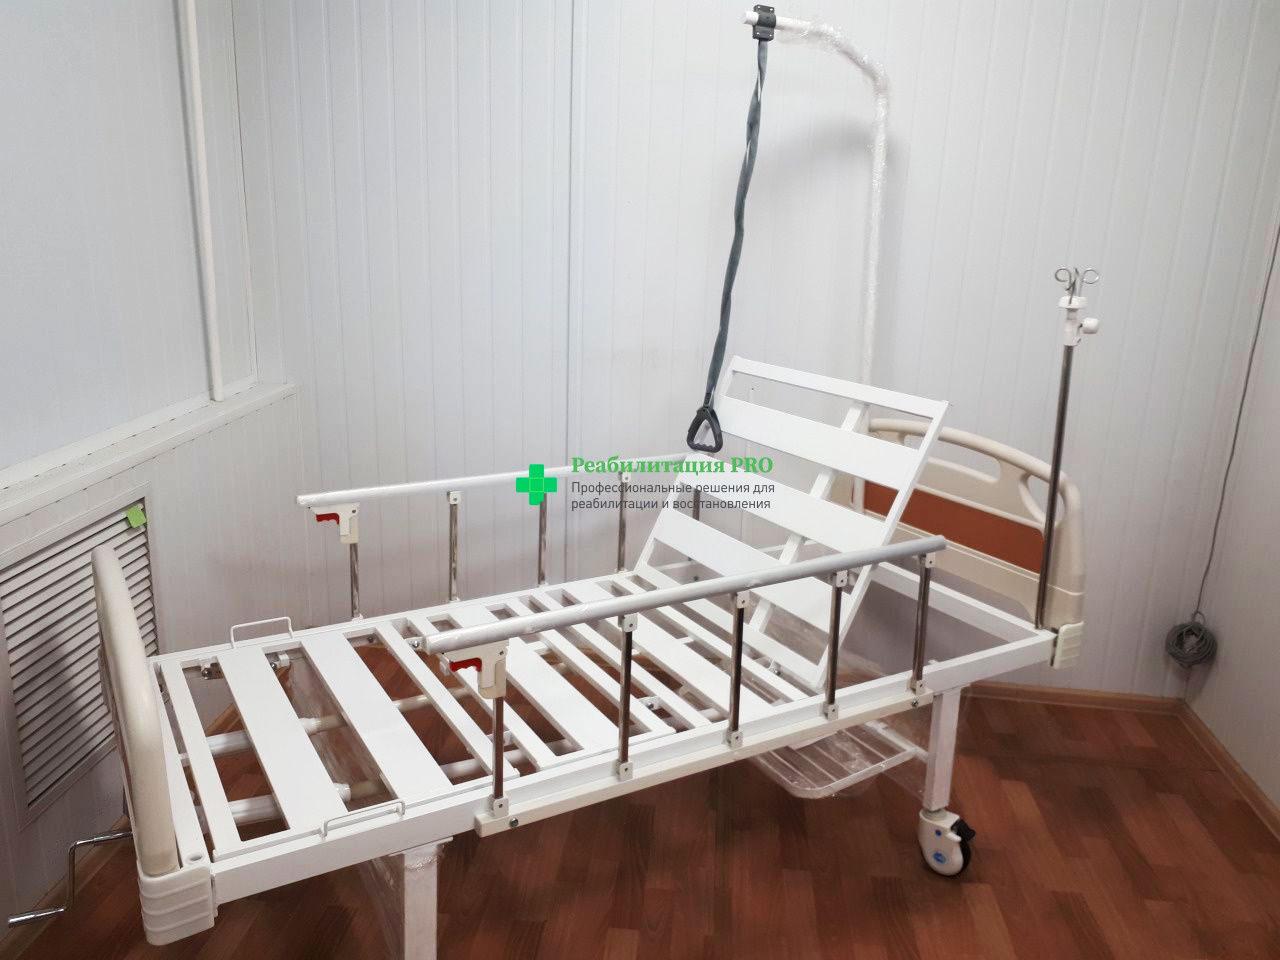 Кровать механическая КМР-10